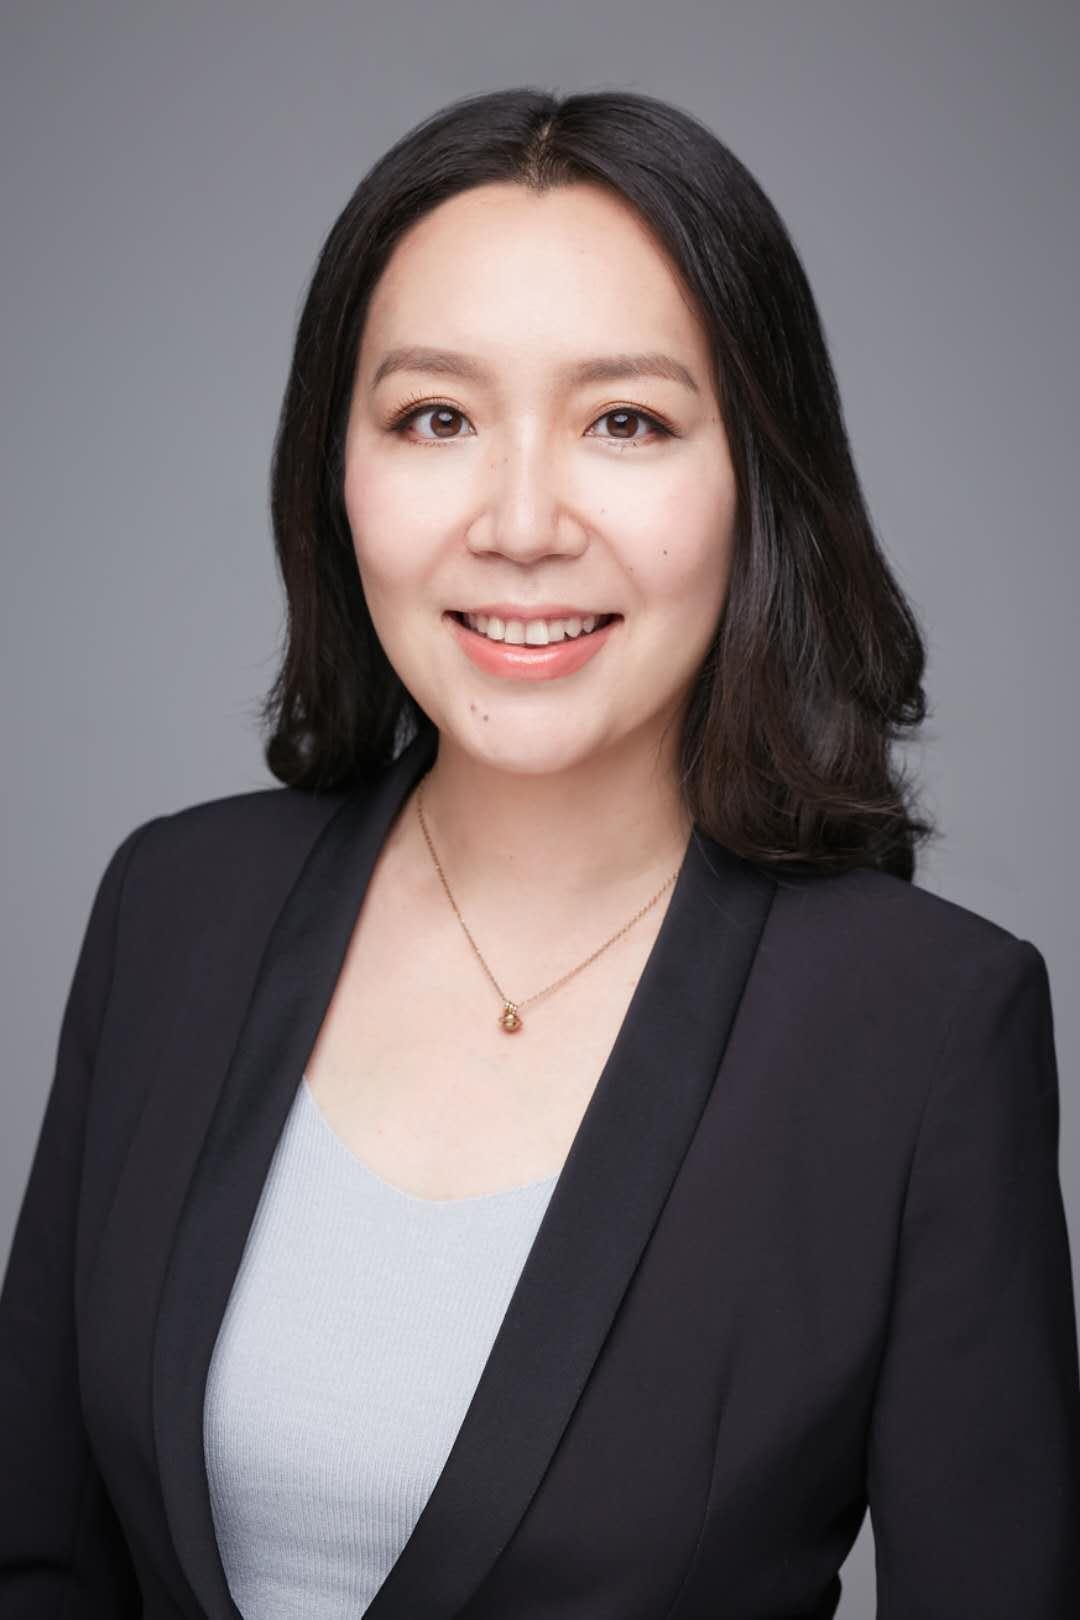 蔡英萃:拓荒中国责任投资